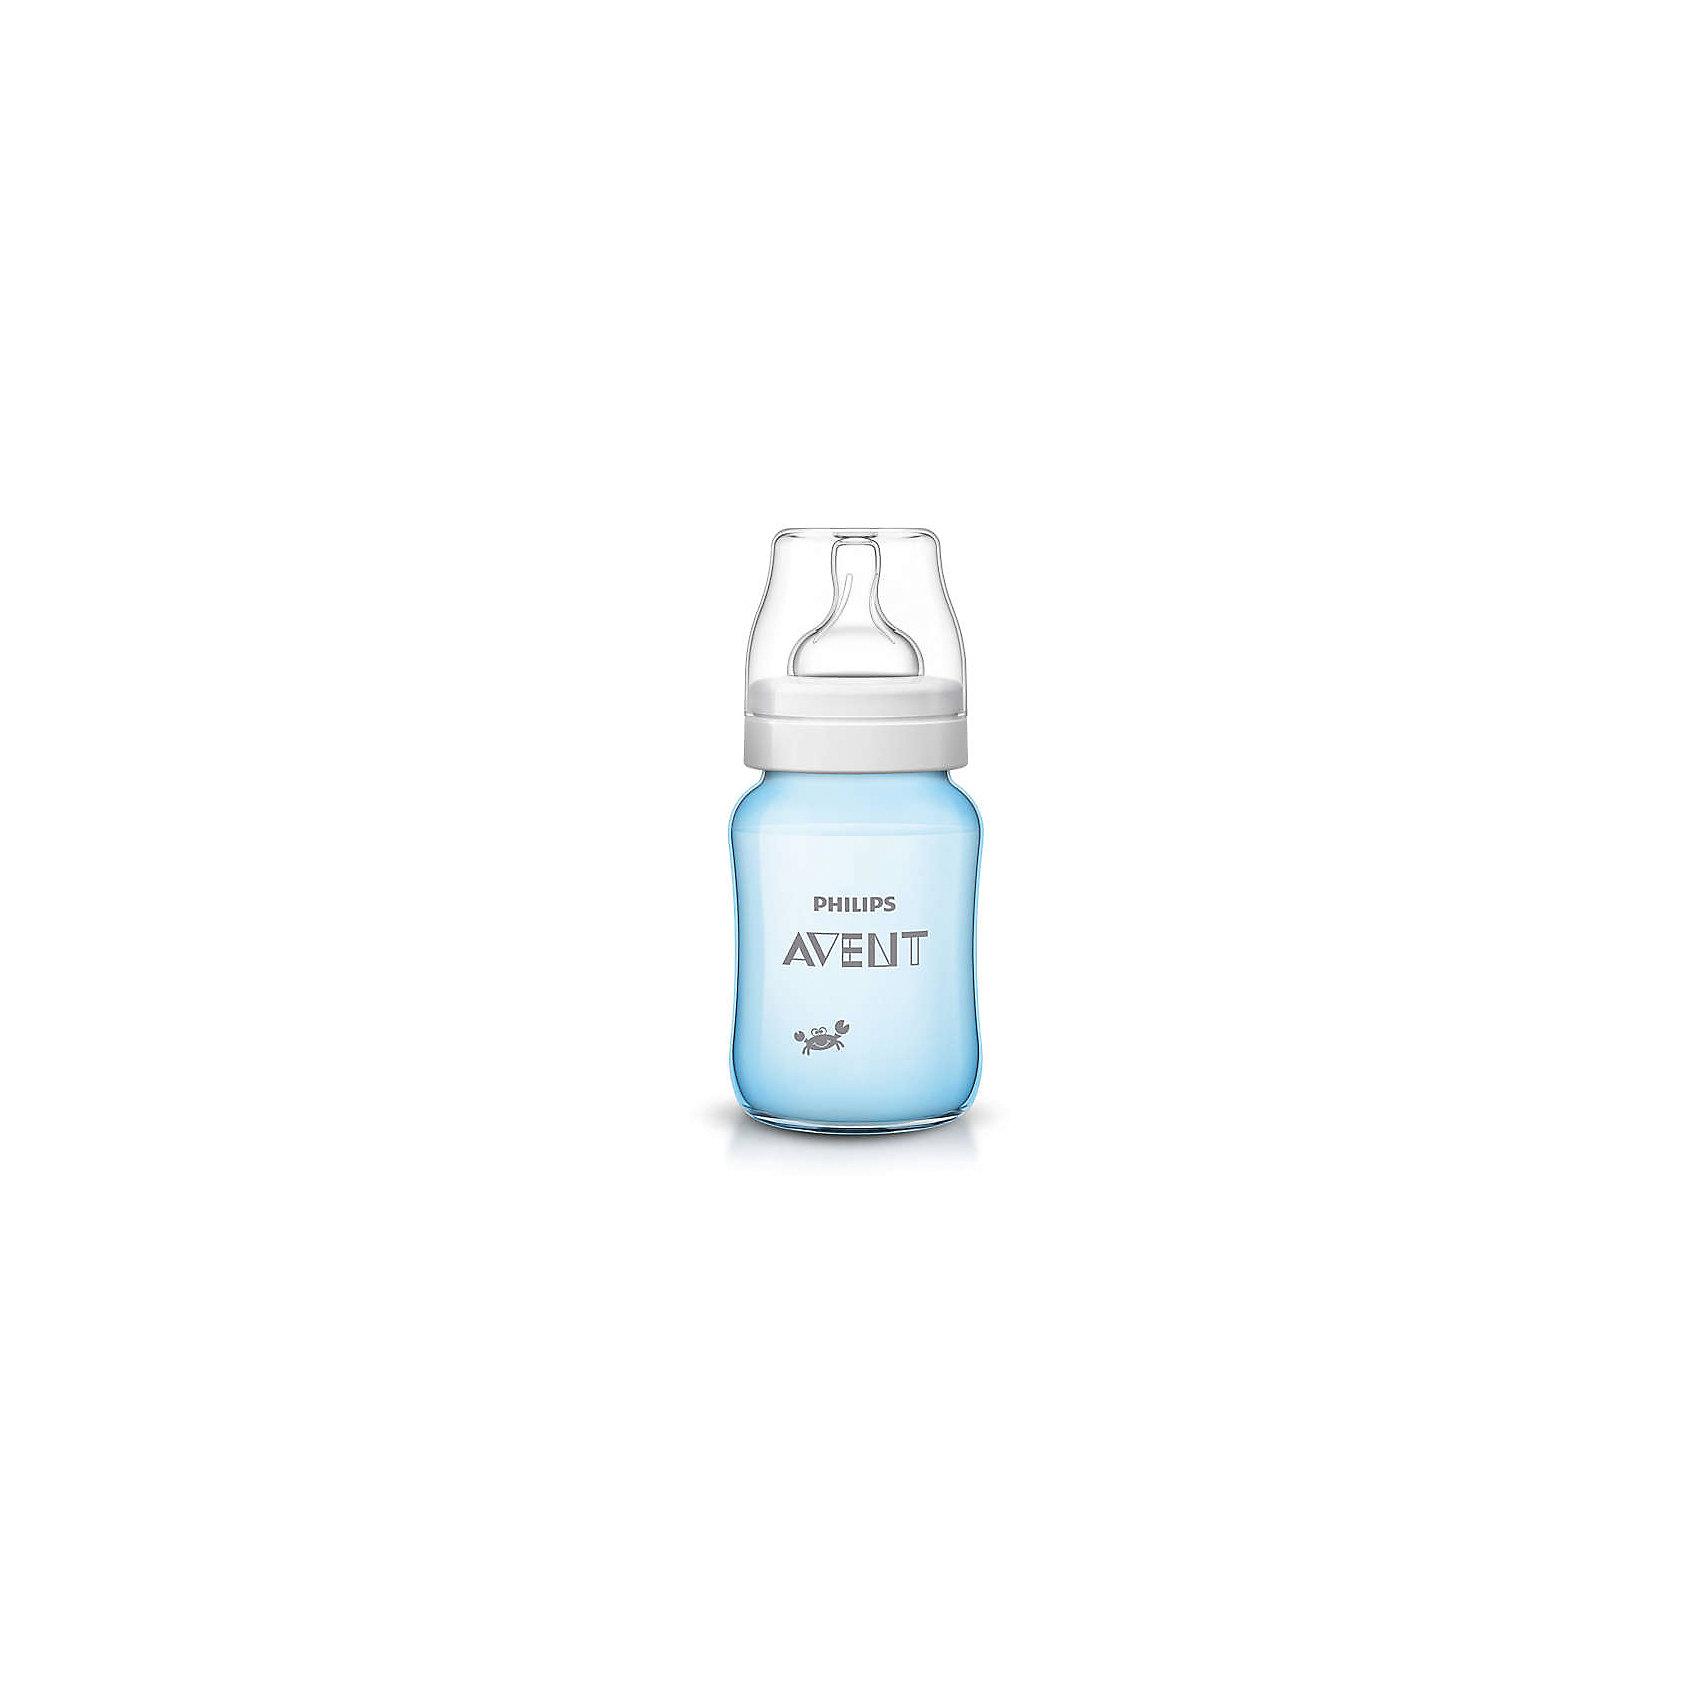 Бутылочка для кормления Крабы 260мл, Avent210 - 281 мл.<br>Бутылочка для кормления, Avent, изготовлена из  высококачественных экологичных материалов, абсолютно безопасных для детей, не содержит бисфенол-А. Оснащена антиколиковой системой, эффективность которой доказана клиническими испытаниями. Уникальный клапан соски сгибается в соответствии с естественным ритмом кормления малыша. Молоко поступает с той скоростью, которую выбирает малыш, что помогает уменьшить газообразование и количество срыгиваний, а также сократить риск переедания. Во время кормления клапан на соске открывается, пропуская воздух в бутылочку. Максимально комфортное кормление благодаря уникальной форме бутылочки, которую можно держать в любом положении. <br><br>Дополнительная информация:<br><br>- Материал: пластик, силикон.<br>- Не содержит бисфенол-А.<br>- Объем: 260 мл.<br>- Цвет: голубой. <br><br>Бутылочку для кормления Крабы Avent (Авент), можно купить в нашем магазине.<br><br>Ширина мм: 70<br>Глубина мм: 70<br>Высота мм: 160<br>Вес г: 102<br>Цвет: голубой<br>Возраст от месяцев: 1<br>Возраст до месяцев: 24<br>Пол: Мужской<br>Возраст: Детский<br>SKU: 4207812